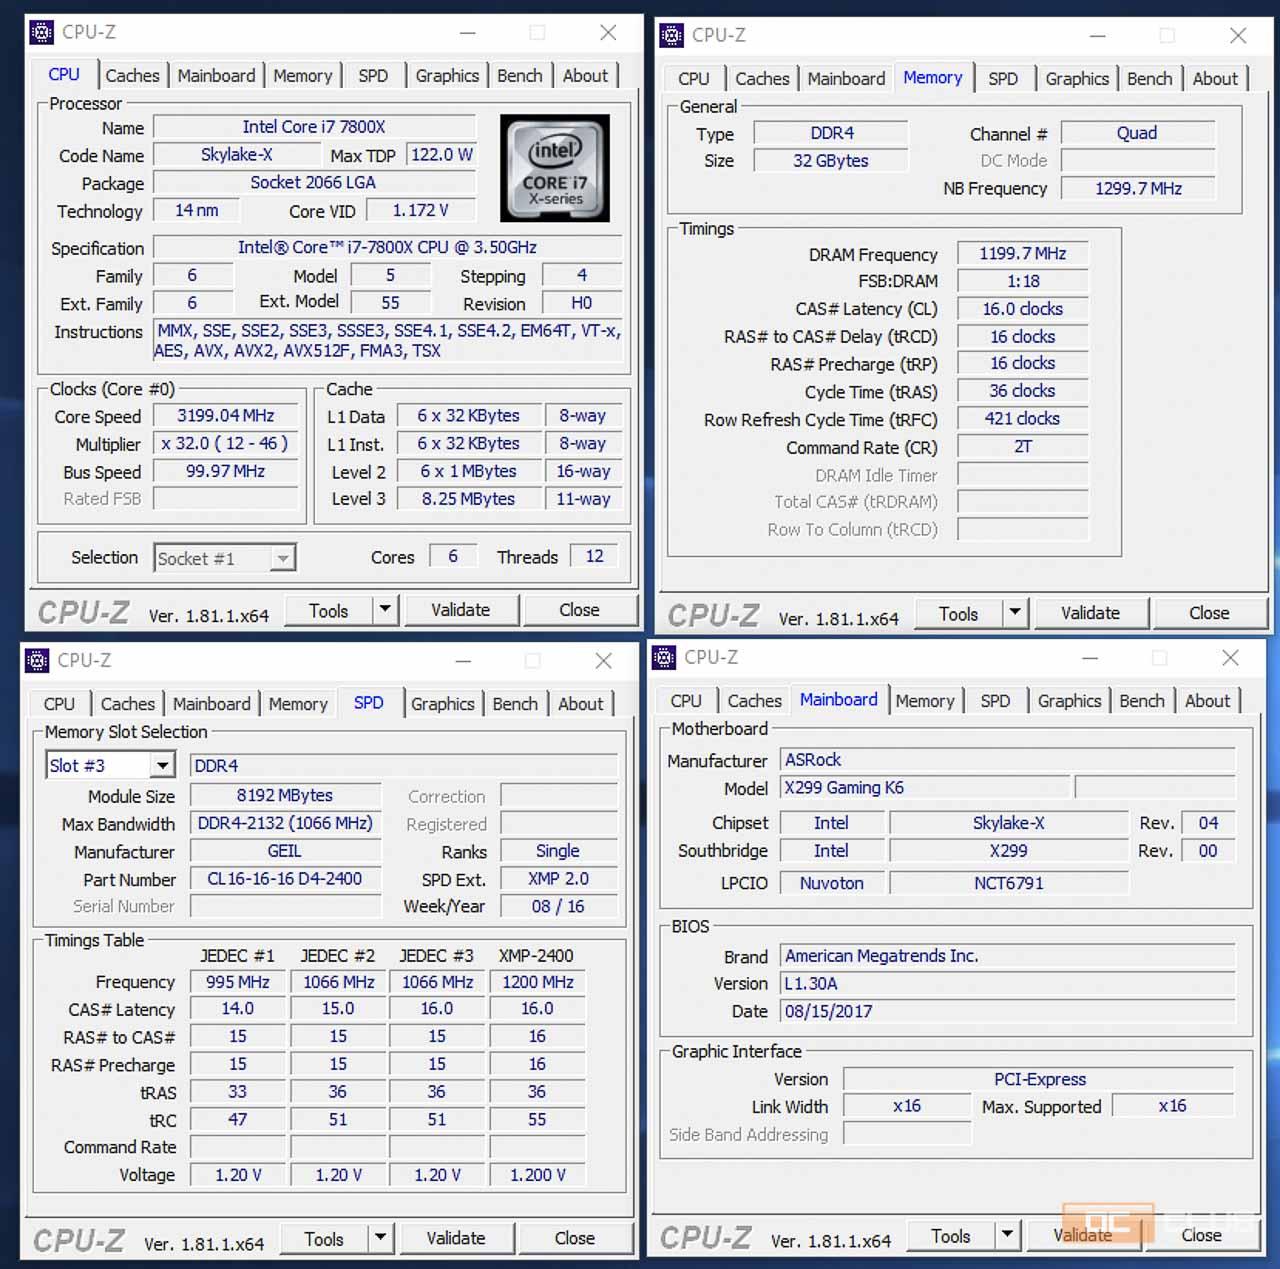 asrock x299 gaming k6 39